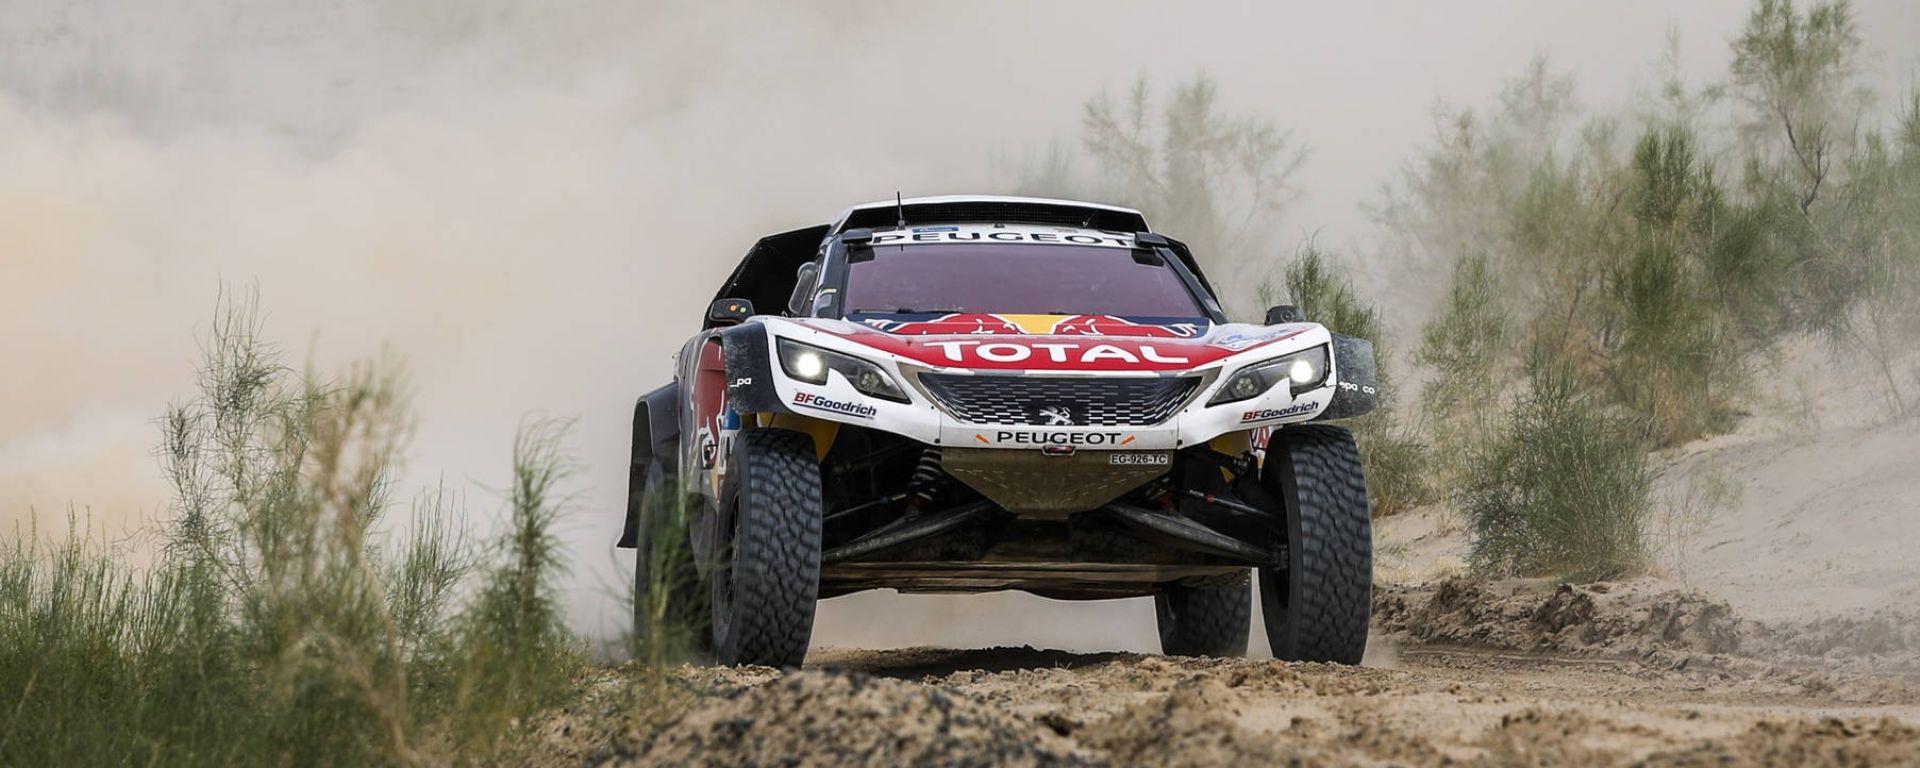 Peugeot 3008 DKR - Peugeot Sport Total